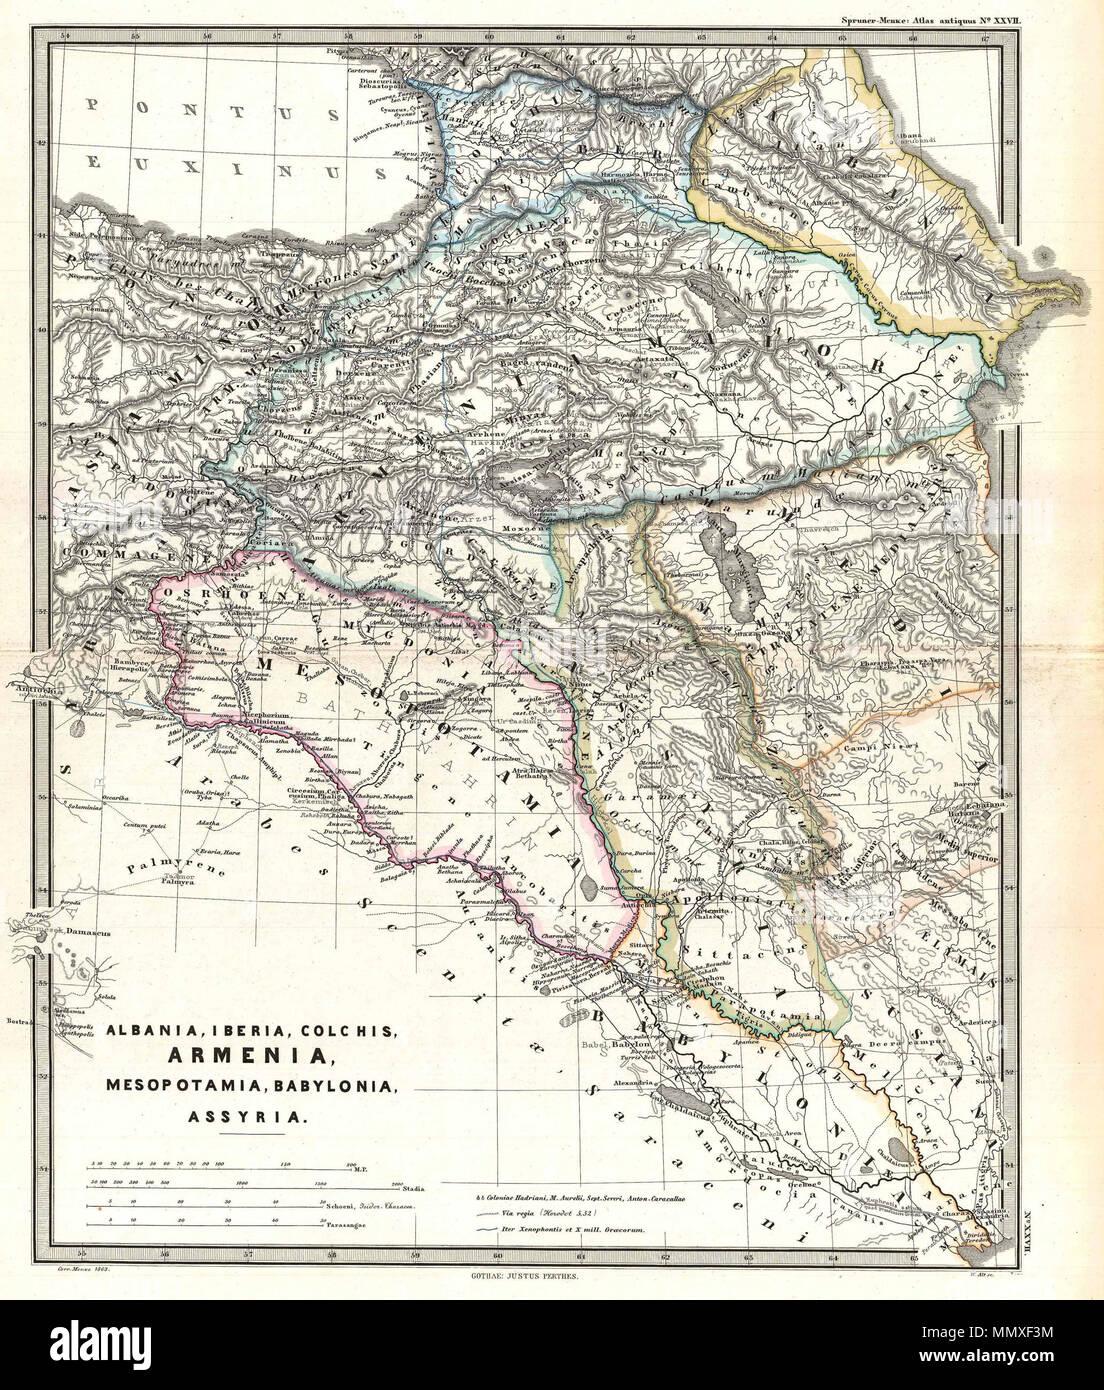 Georgien Karte Regionen.Englisch Eine Besonders Interessante Karte Karl Von Spruner S